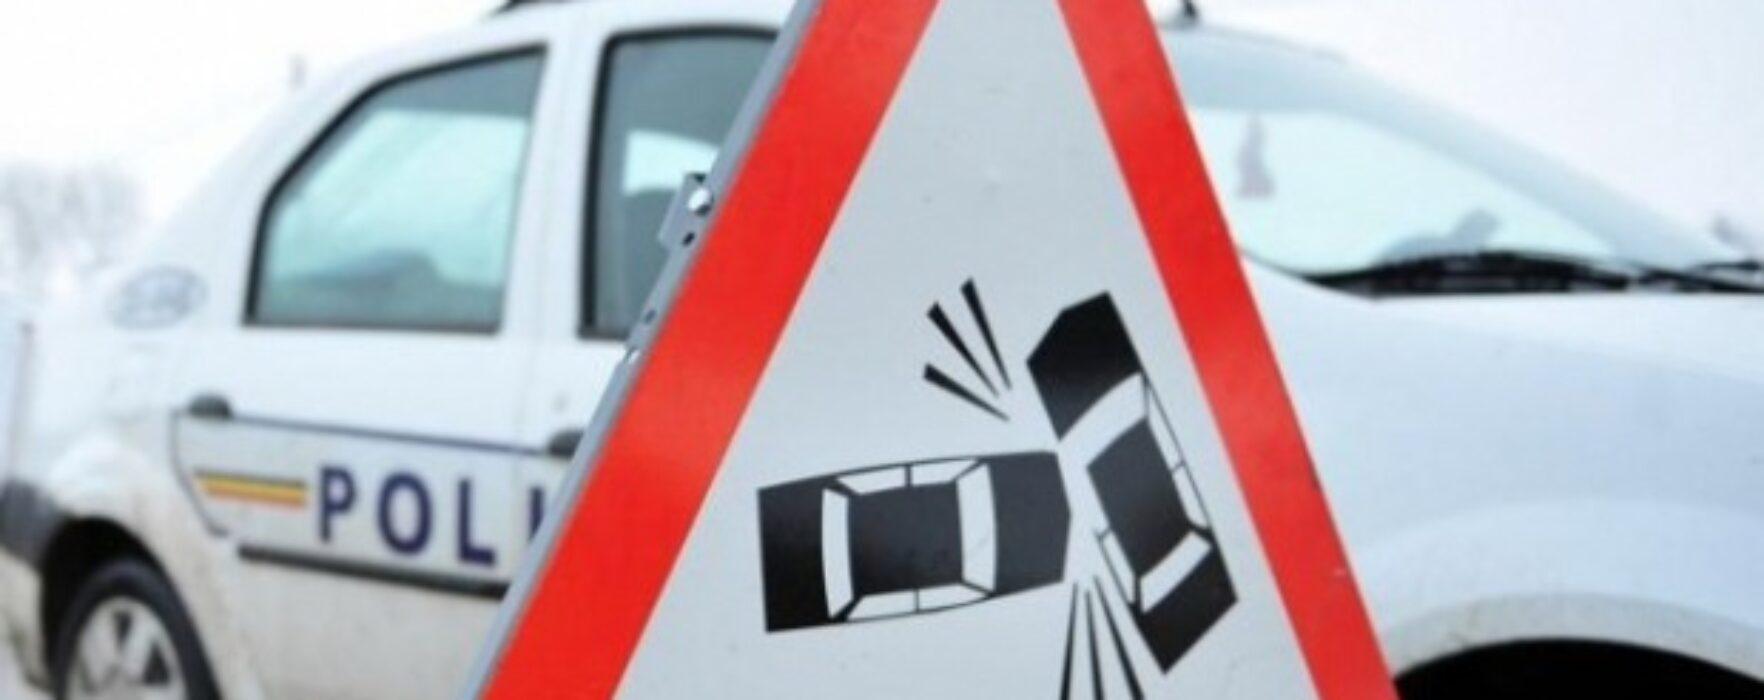 Doi răniţi, după ce maşina în care erau s-a răsturnat într-un pârâu, în zona Bucşani